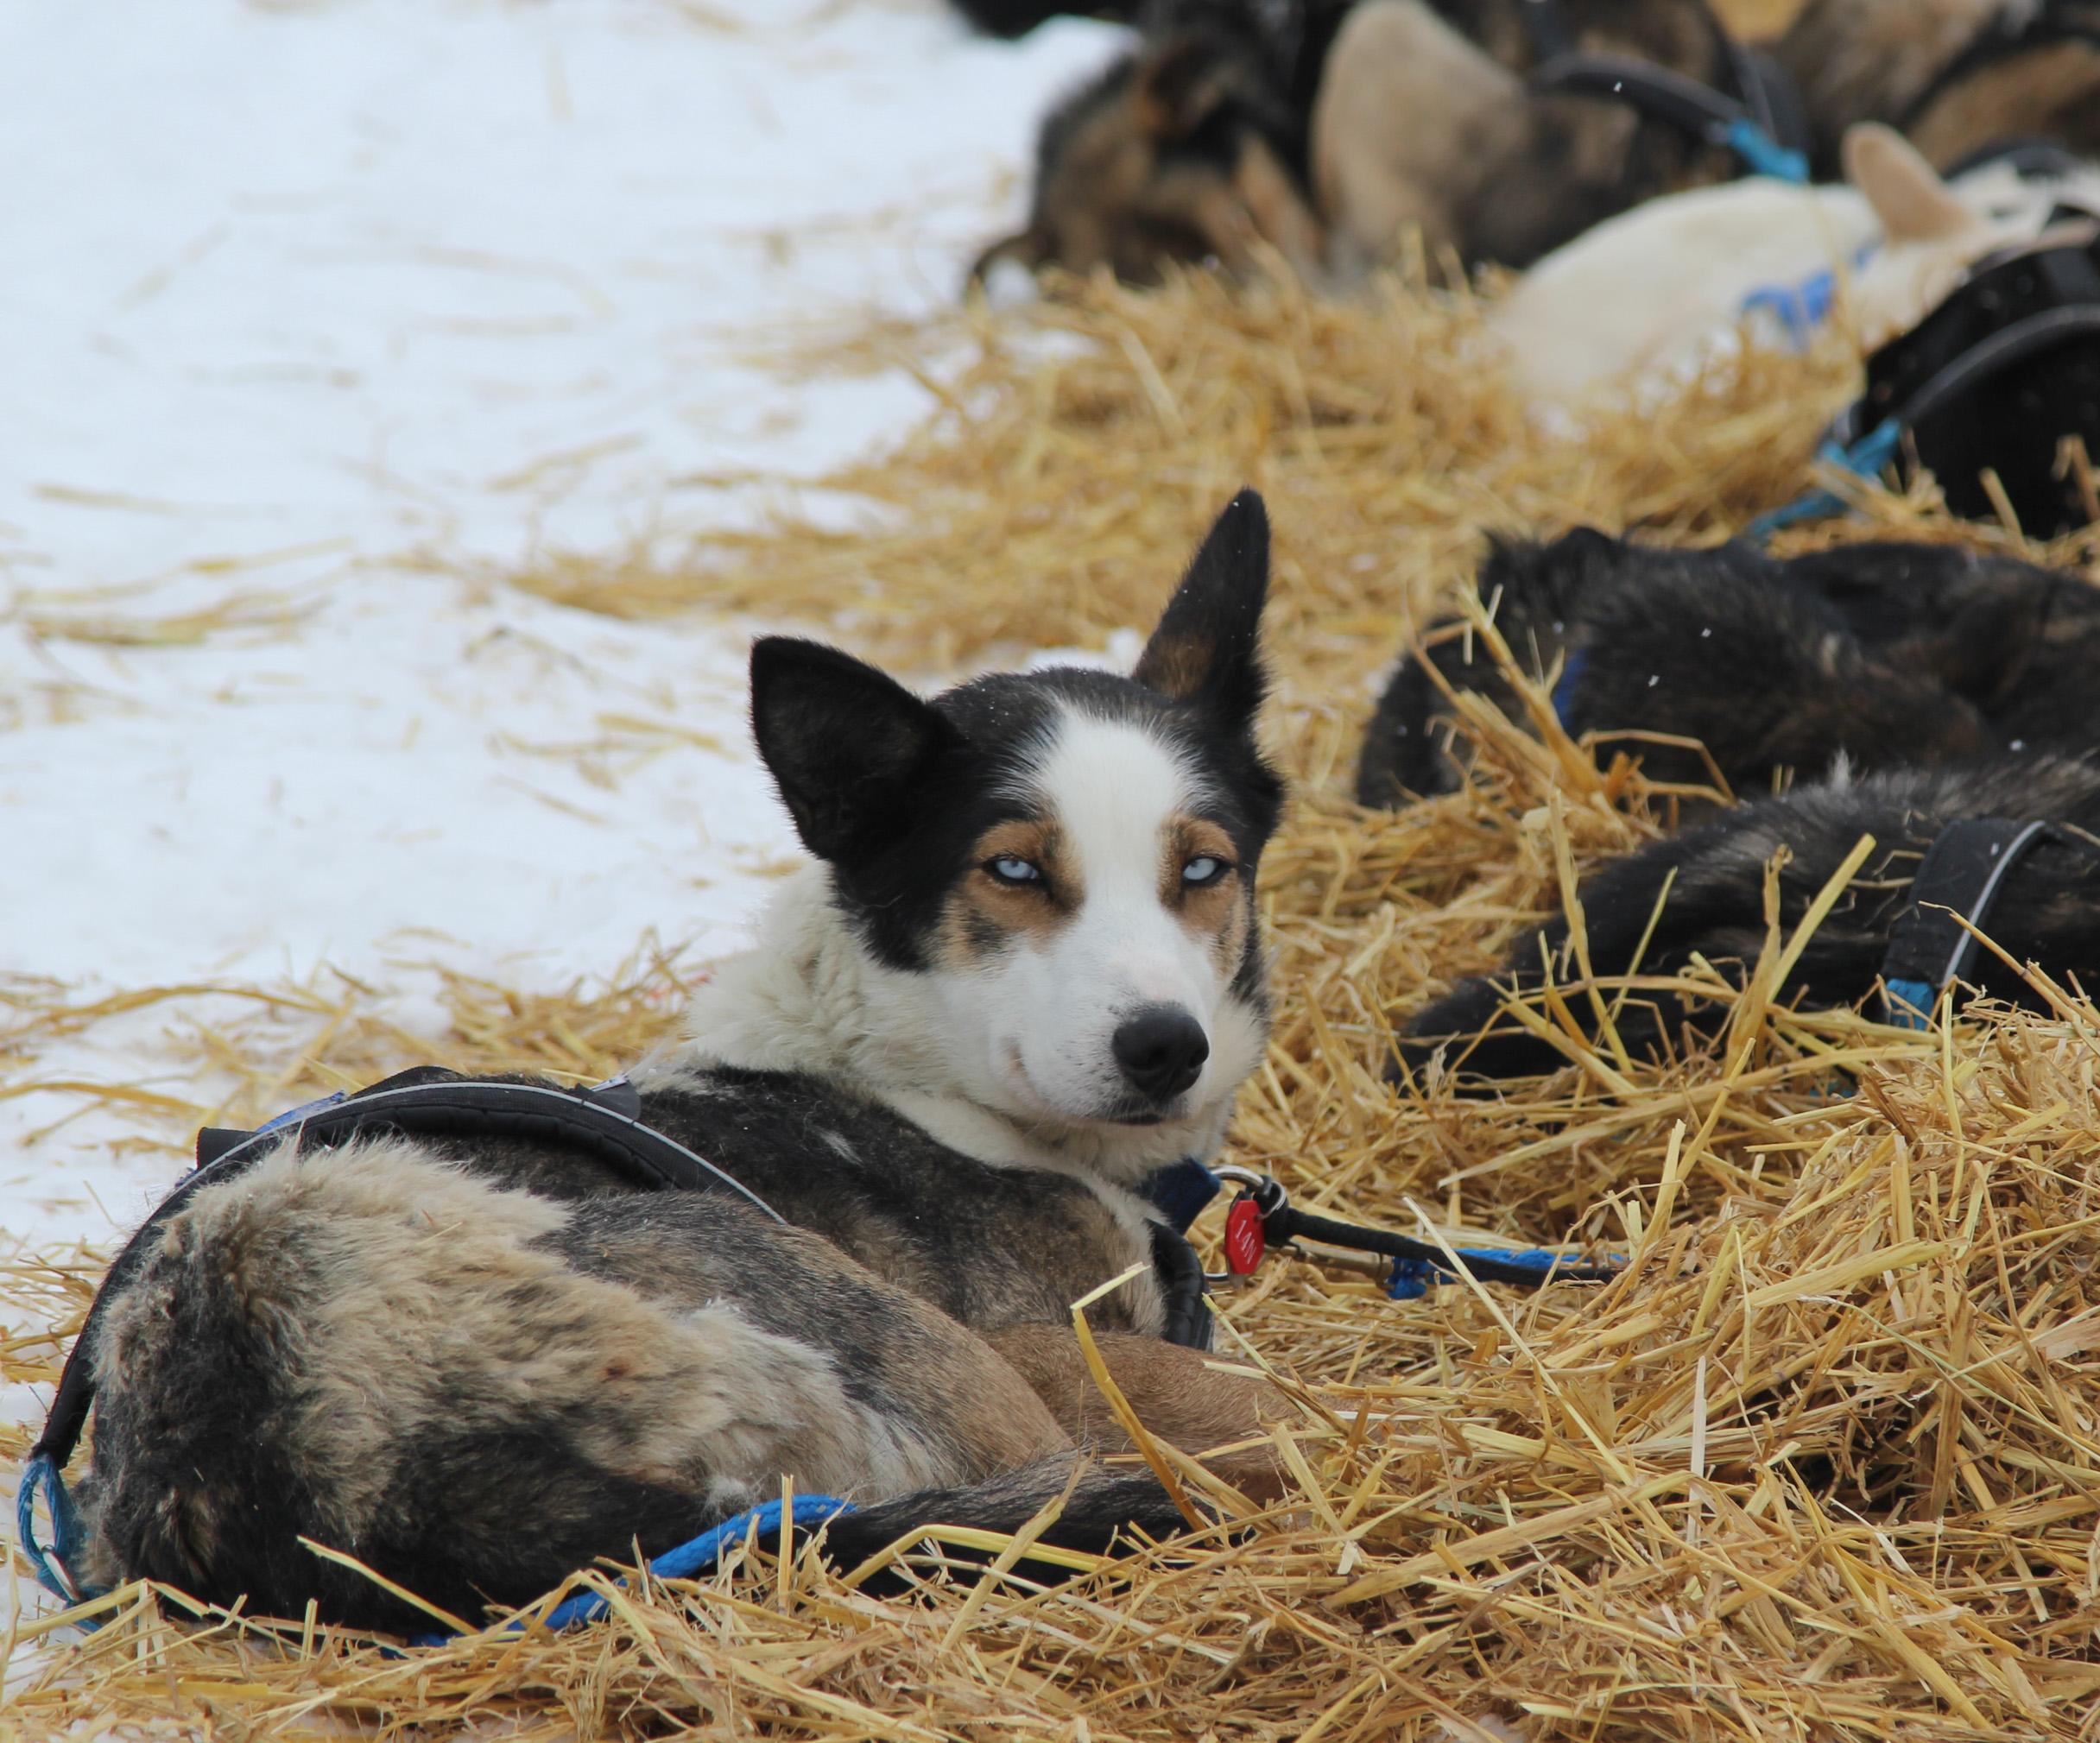 Suficiente Iditarod | Alaska Public Media CC83